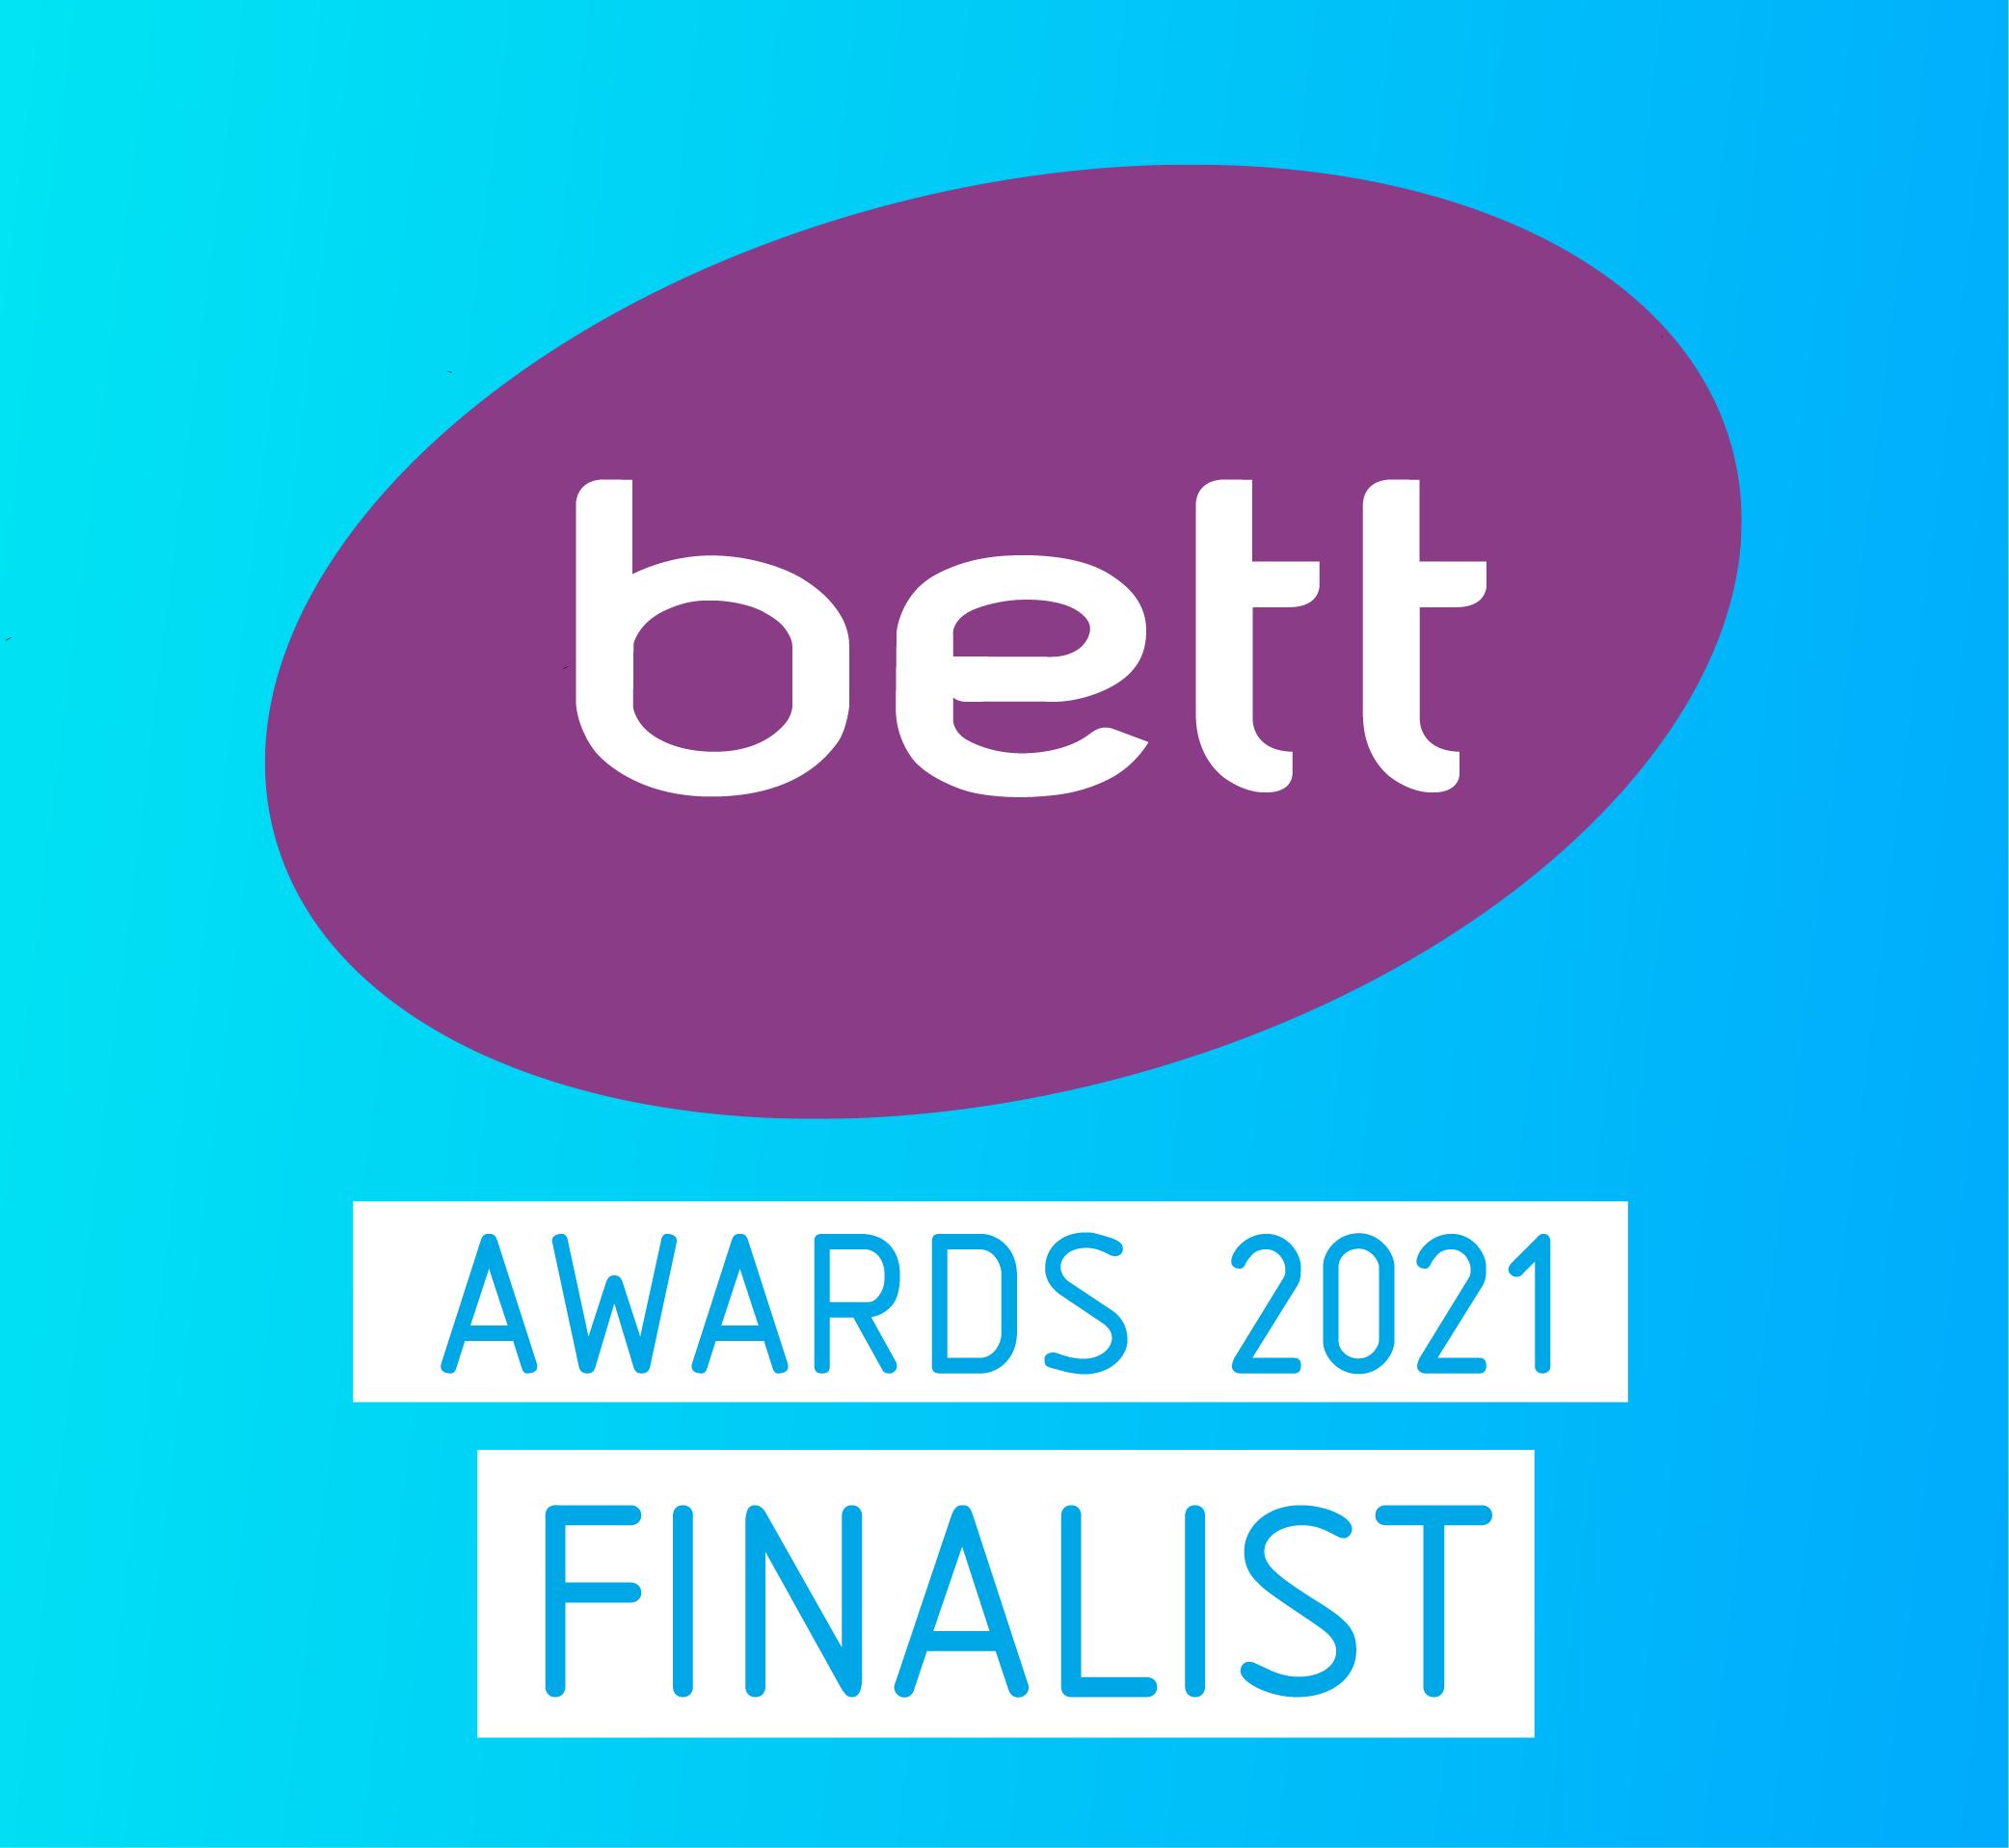 Bett Awards Finalist Logo (1)